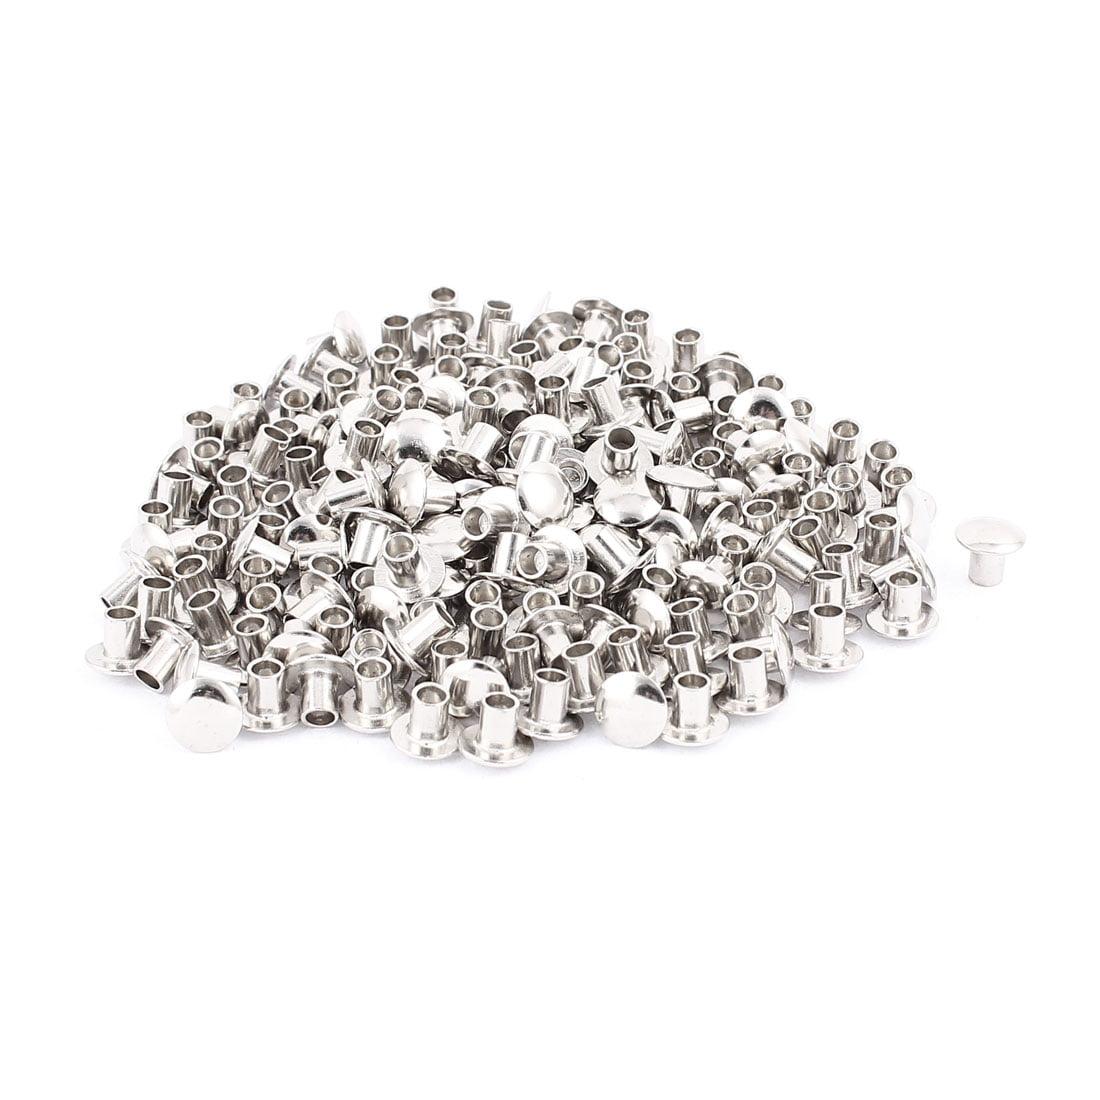 """200 Pcs 13/64"""" x 1/4"""" Nickel Plated Oval Head Semi-Tubular Rivets Silver Tone"""